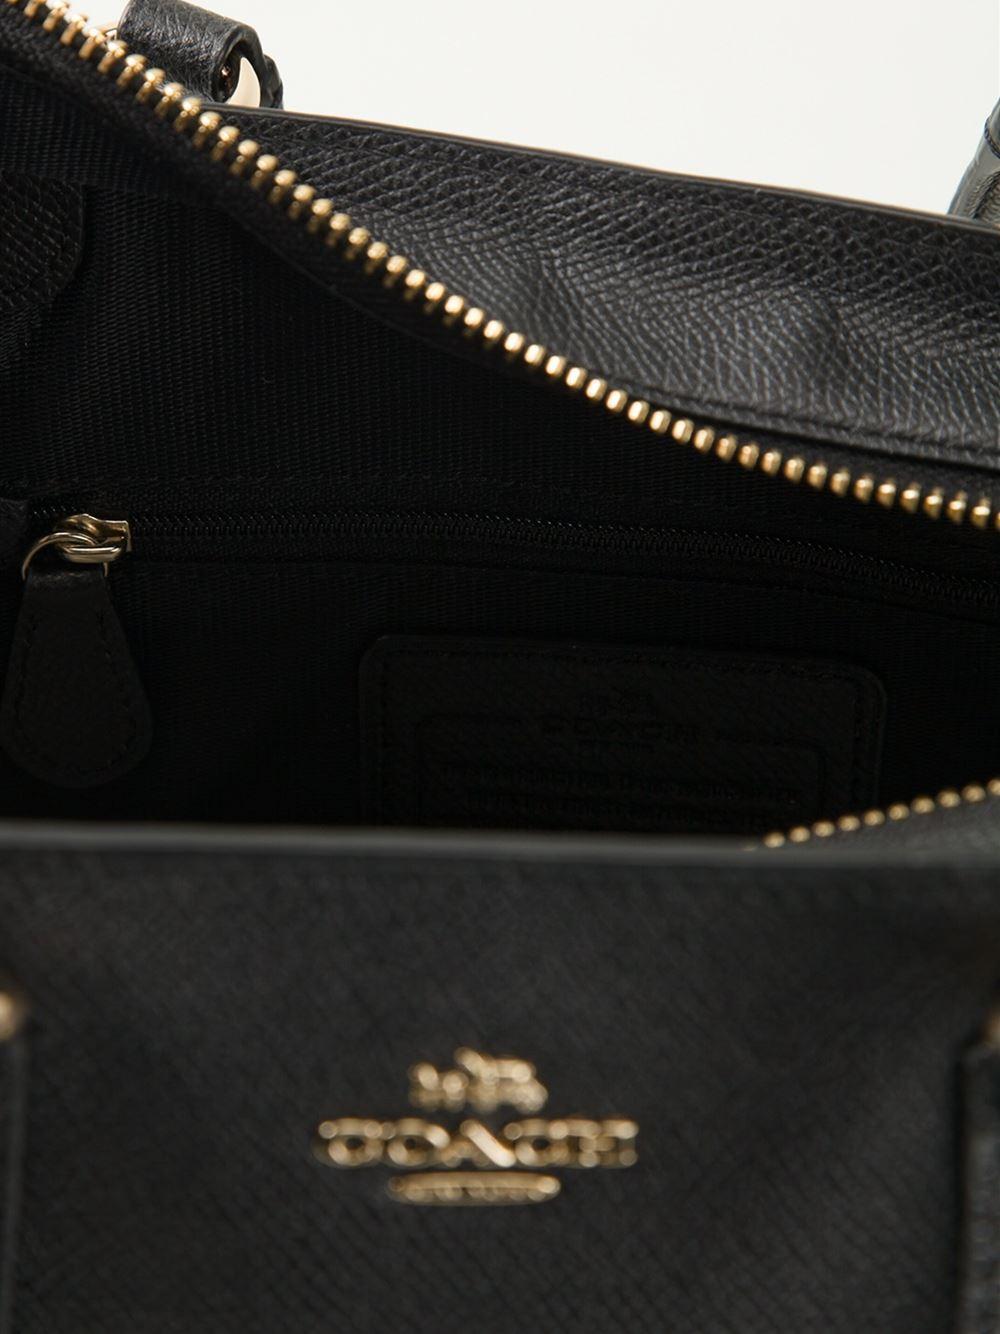 COACH Crosby Mini Leather Tote in Black